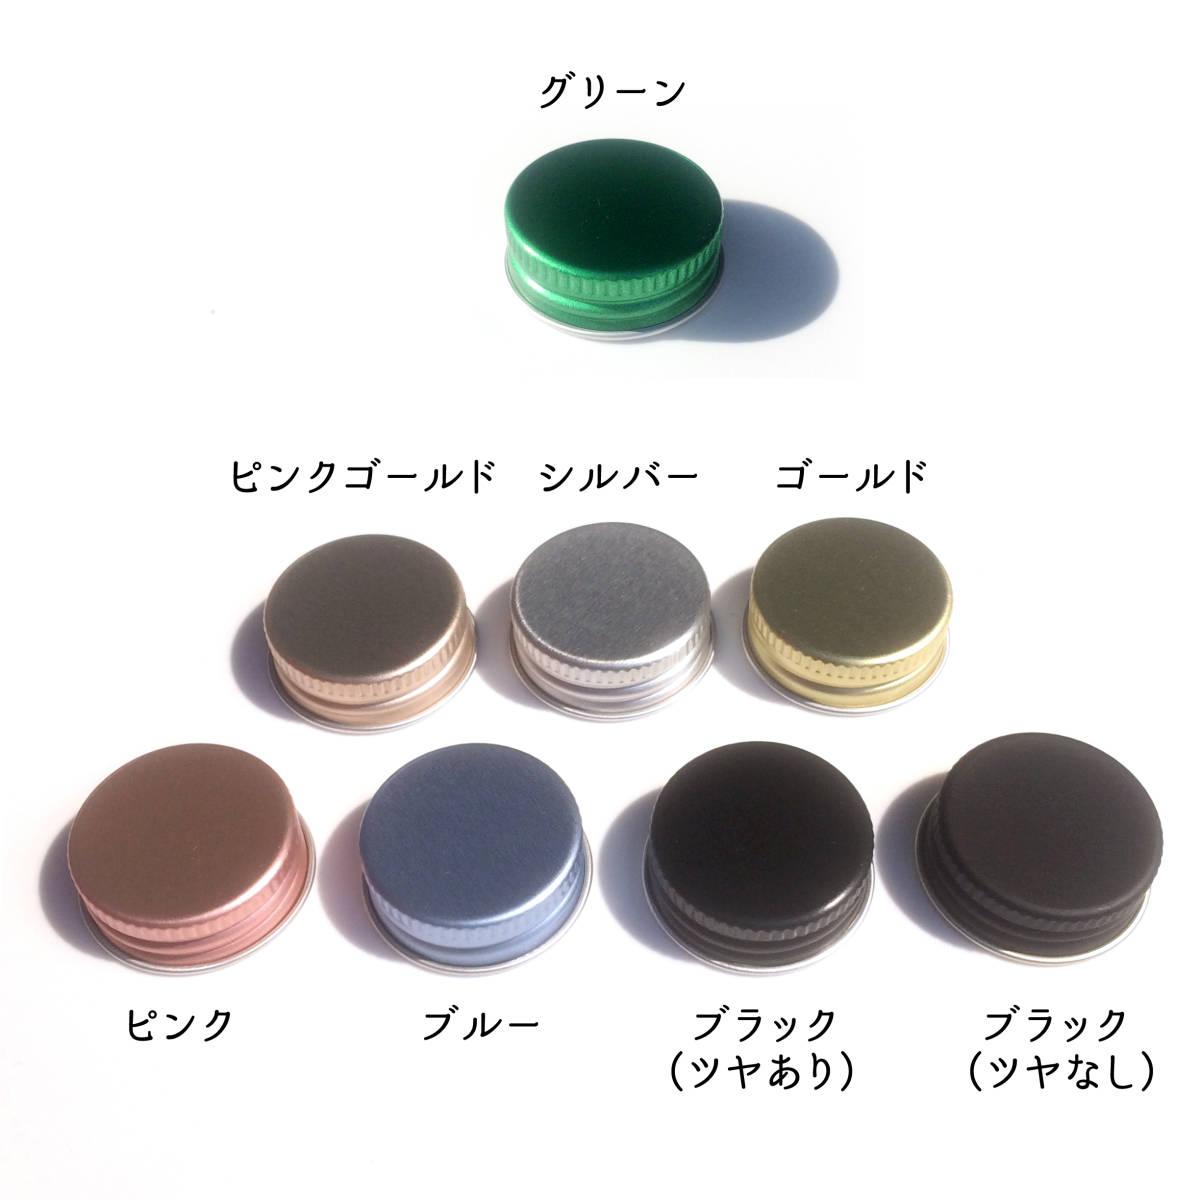 ハーバリウム瓶 パルファム200ml 4本 ♪♪_画像4